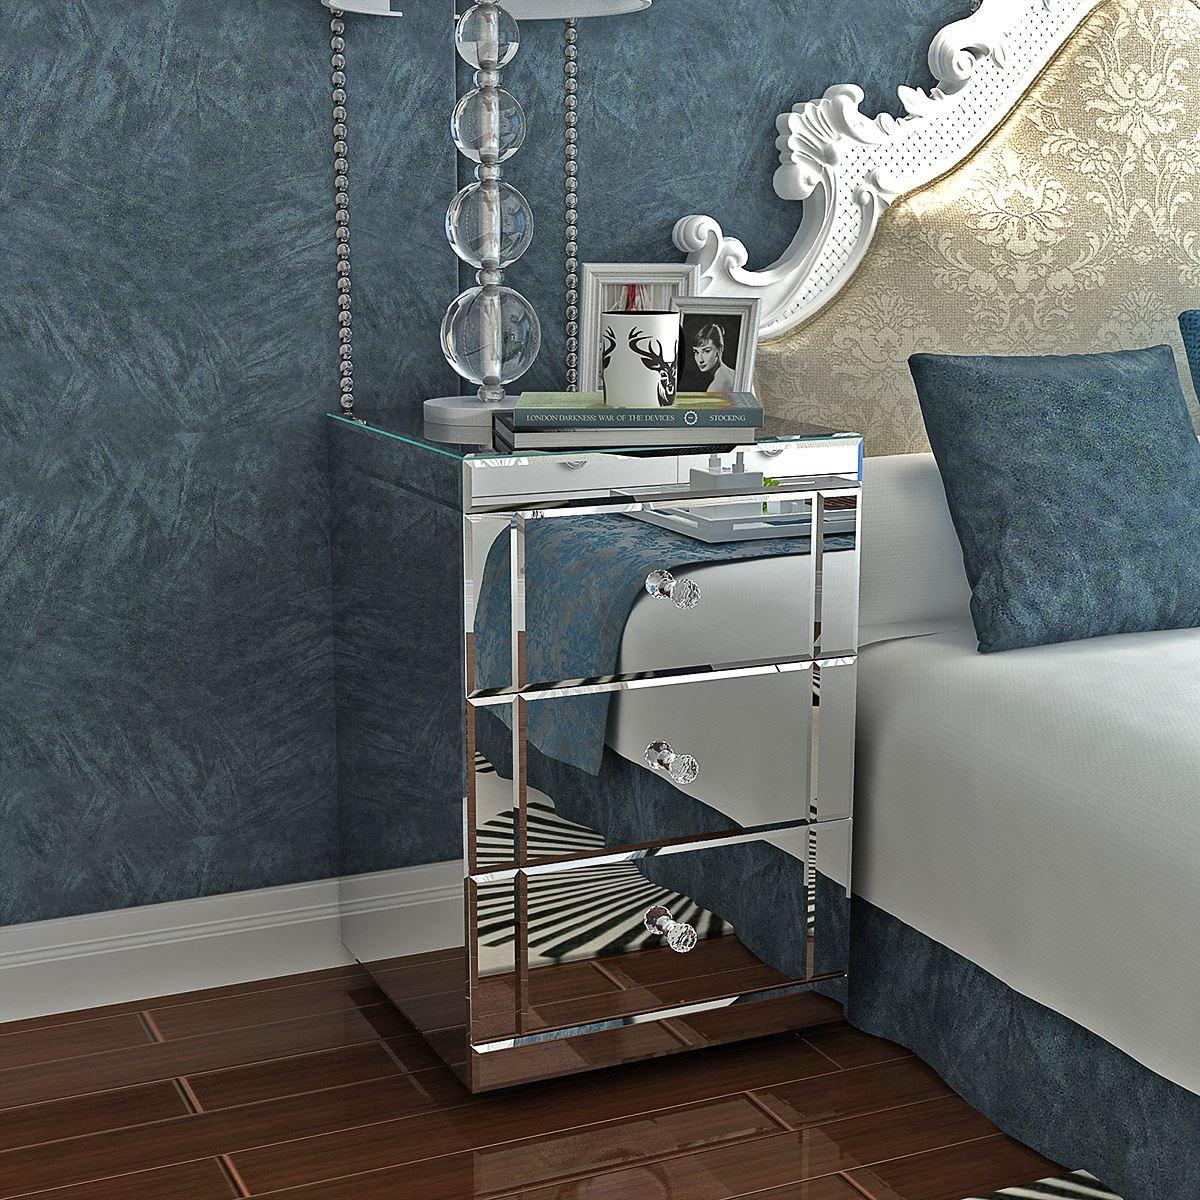 خزانة جانبية بمرآة/منضدة بجانب السرير/خزانة ذات 3 أدراج لمنضدة غرفة النوم